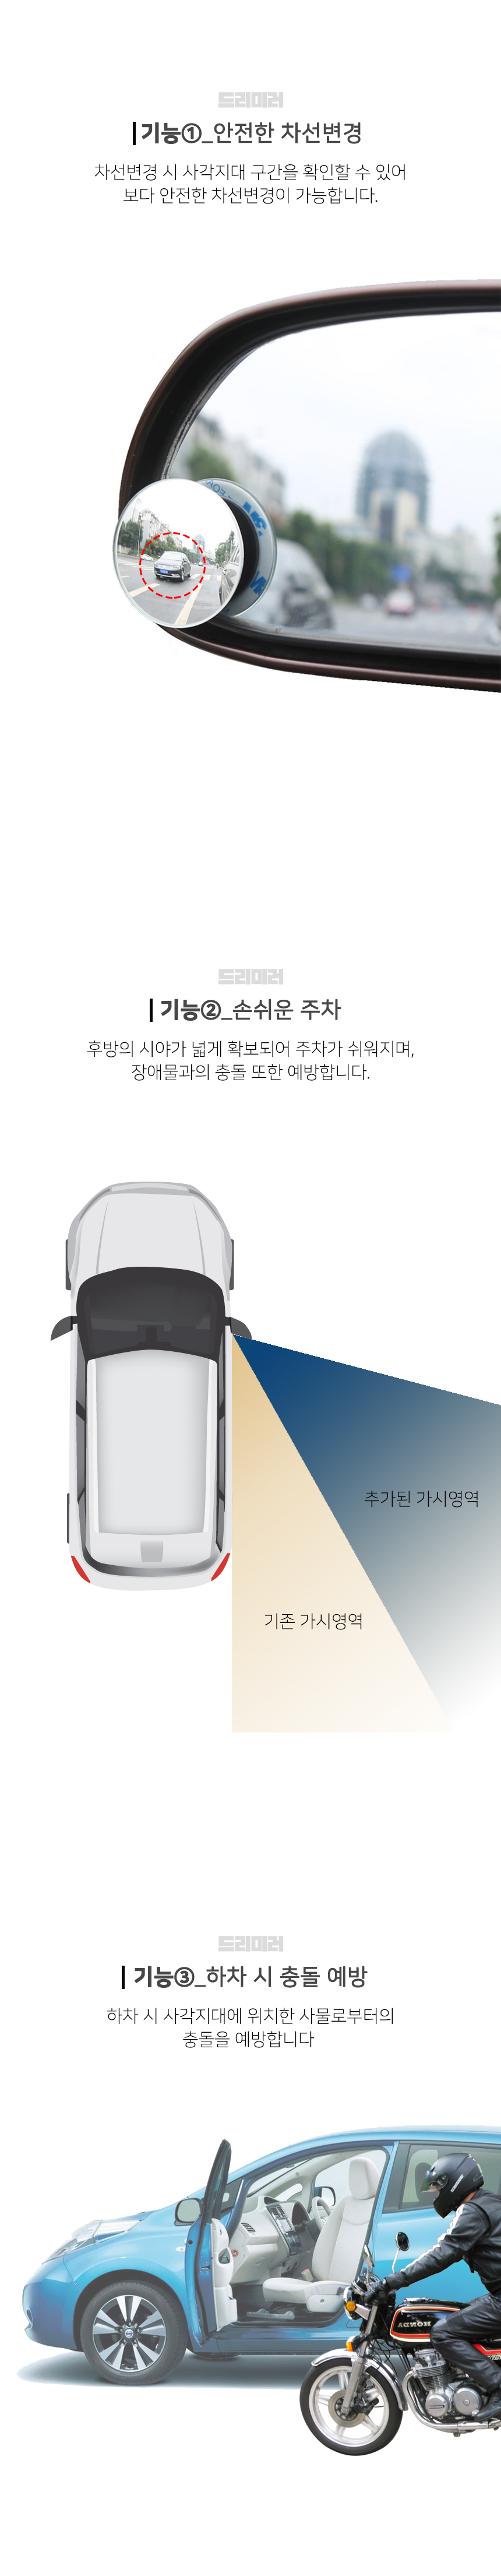 사각지대 보조거울 안전의 꿈(Dream)을 위한 거울(Mirror) 드리미러 - 재미난, 5,000원, 자동차용품, 기타용품